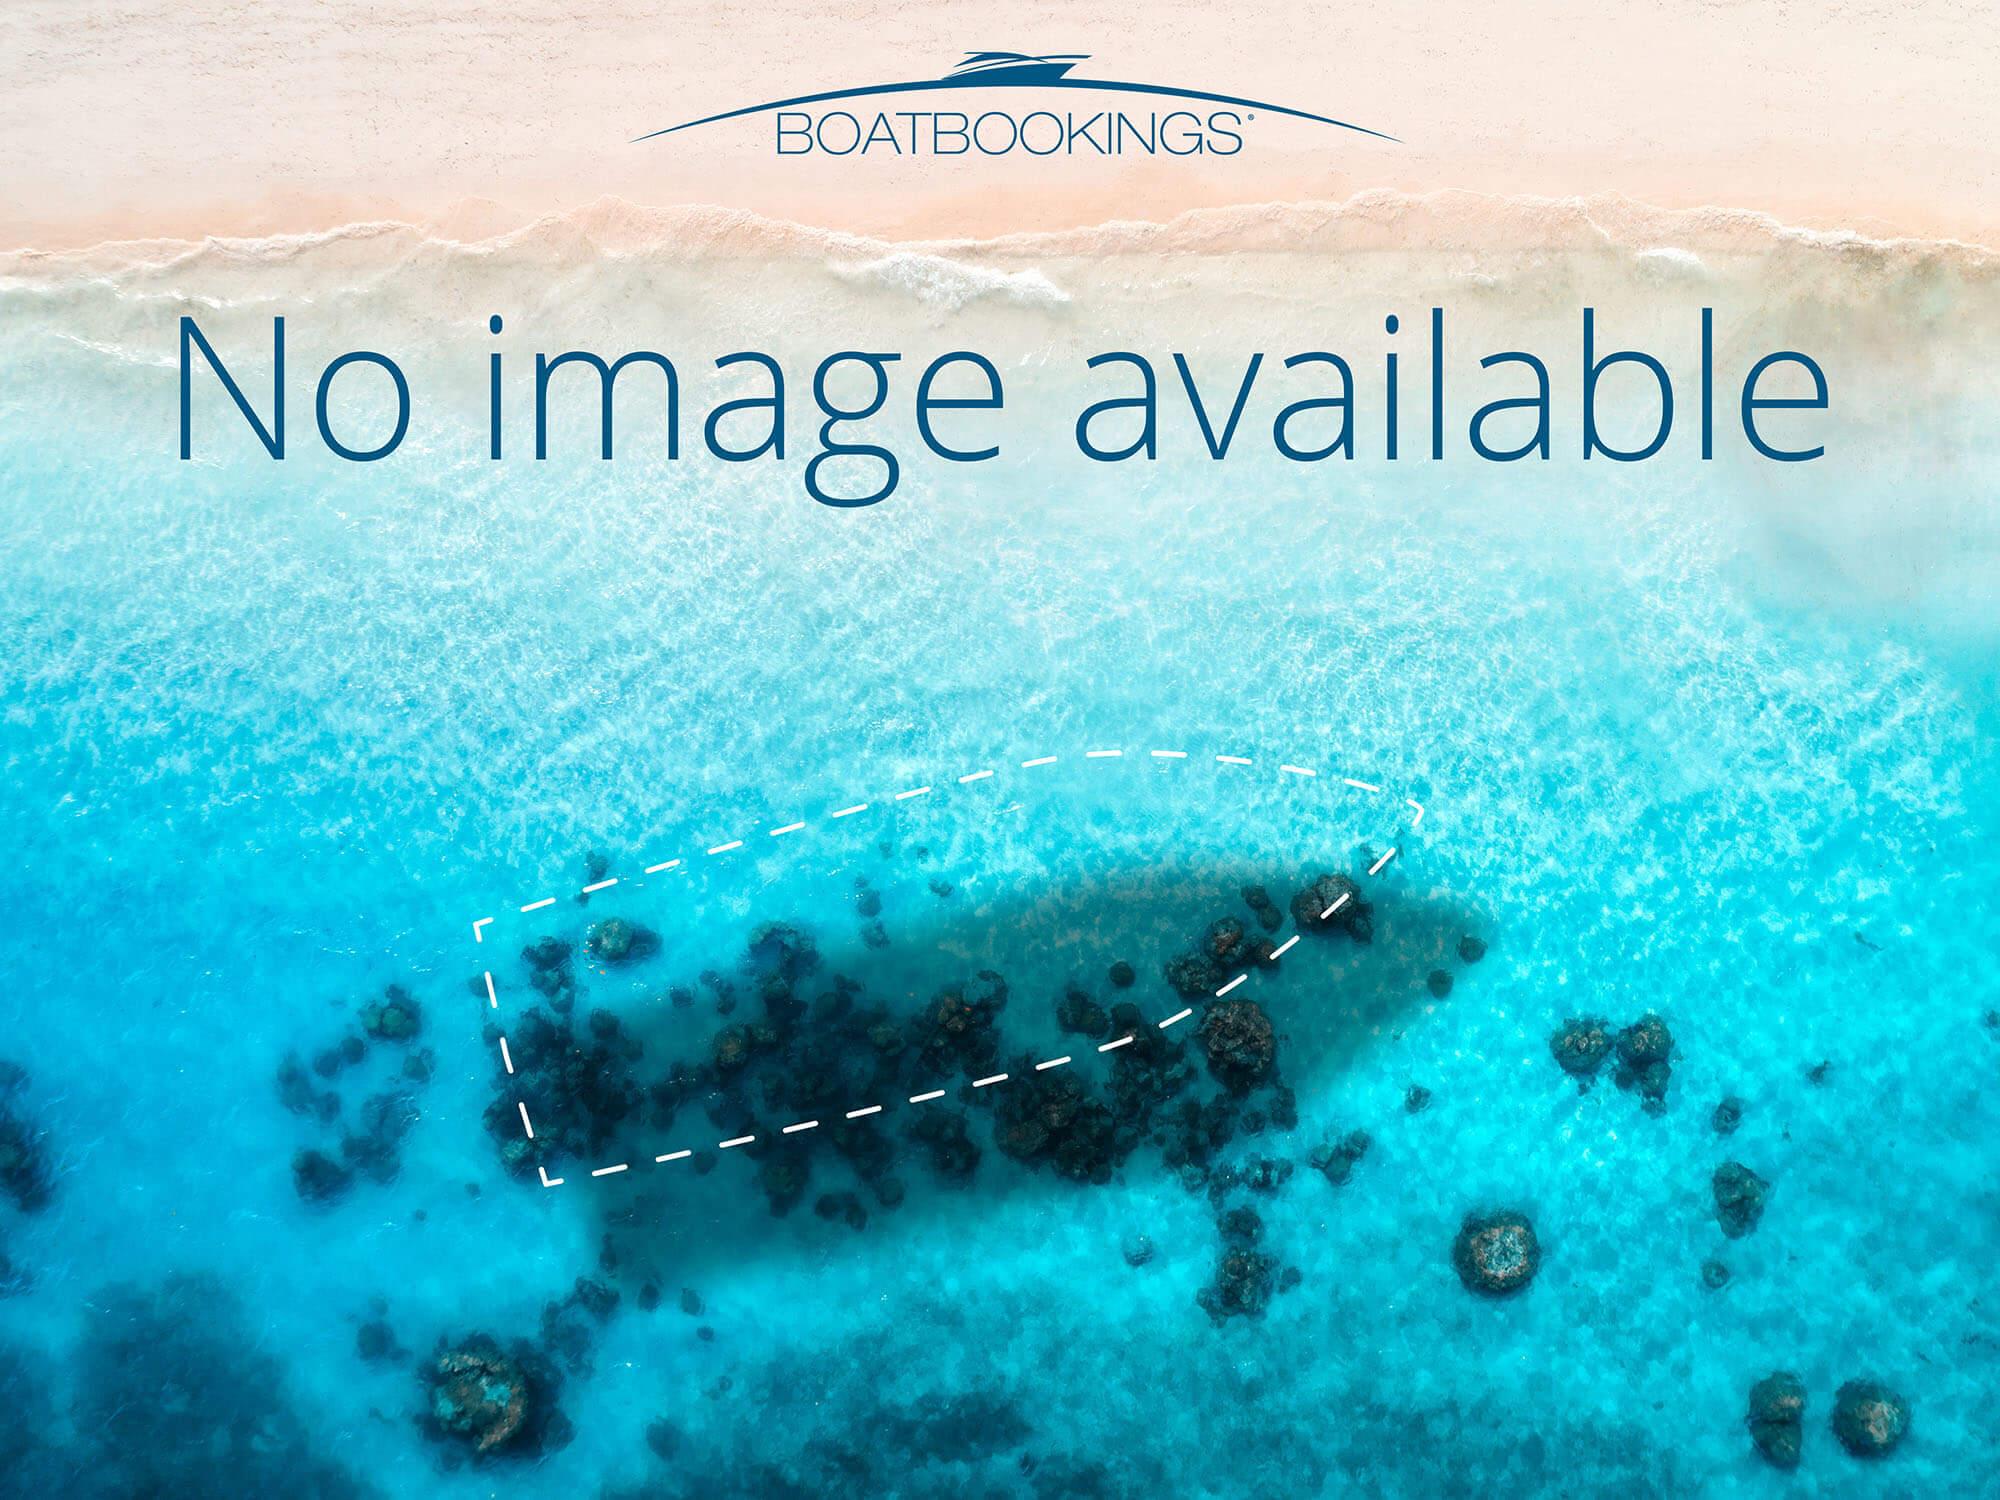 Marina, sailing boats, motor yachts, yachting